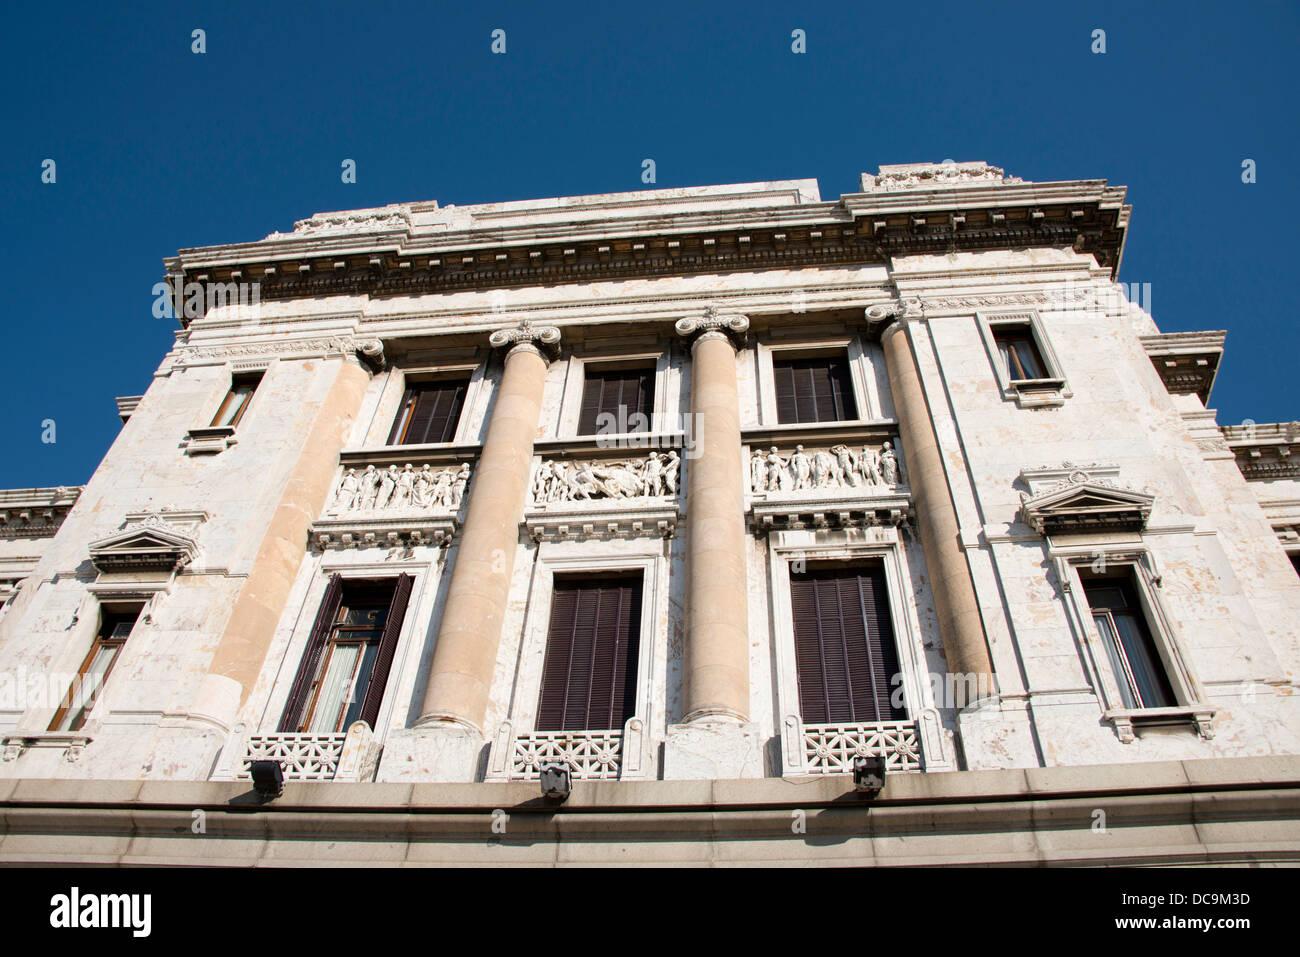 L'Uruguay, Montevideo. Palais législatif historique, siège de l'extérieur du Parlement uruguayen. Circa 1908-1925. Banque D'Images